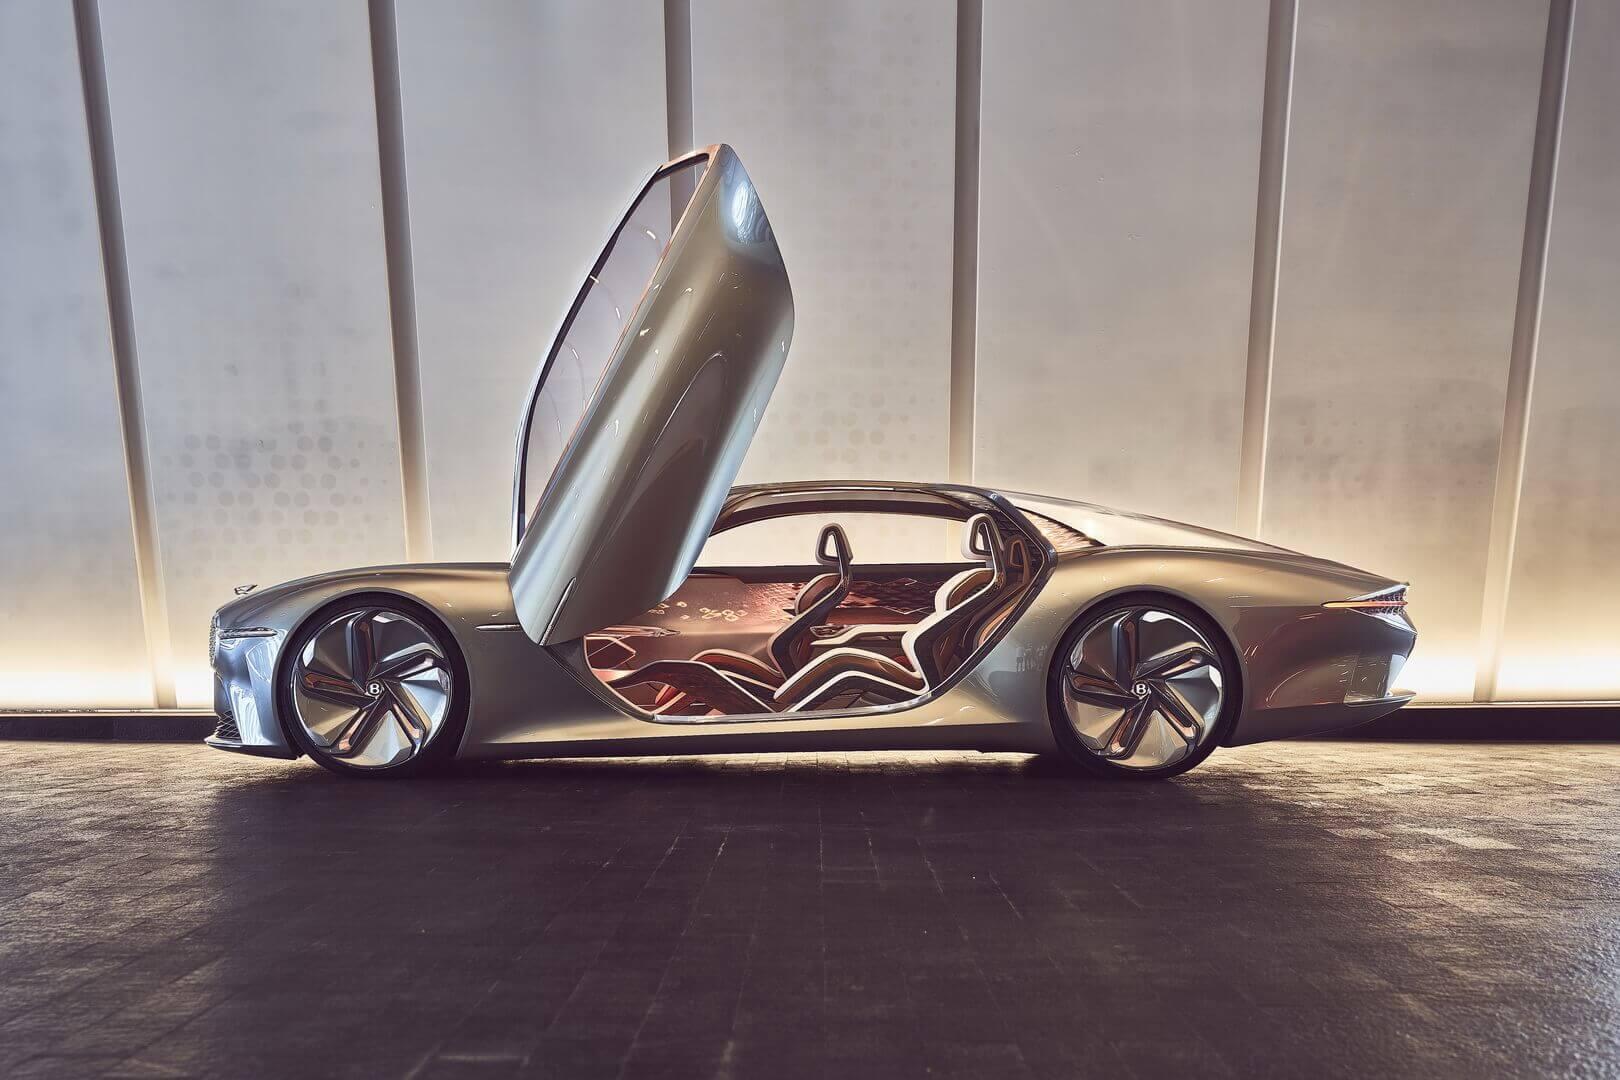 Bentley представила свой полностью электрический концепт-кар EXP 100 GT в честь 100-летия компании